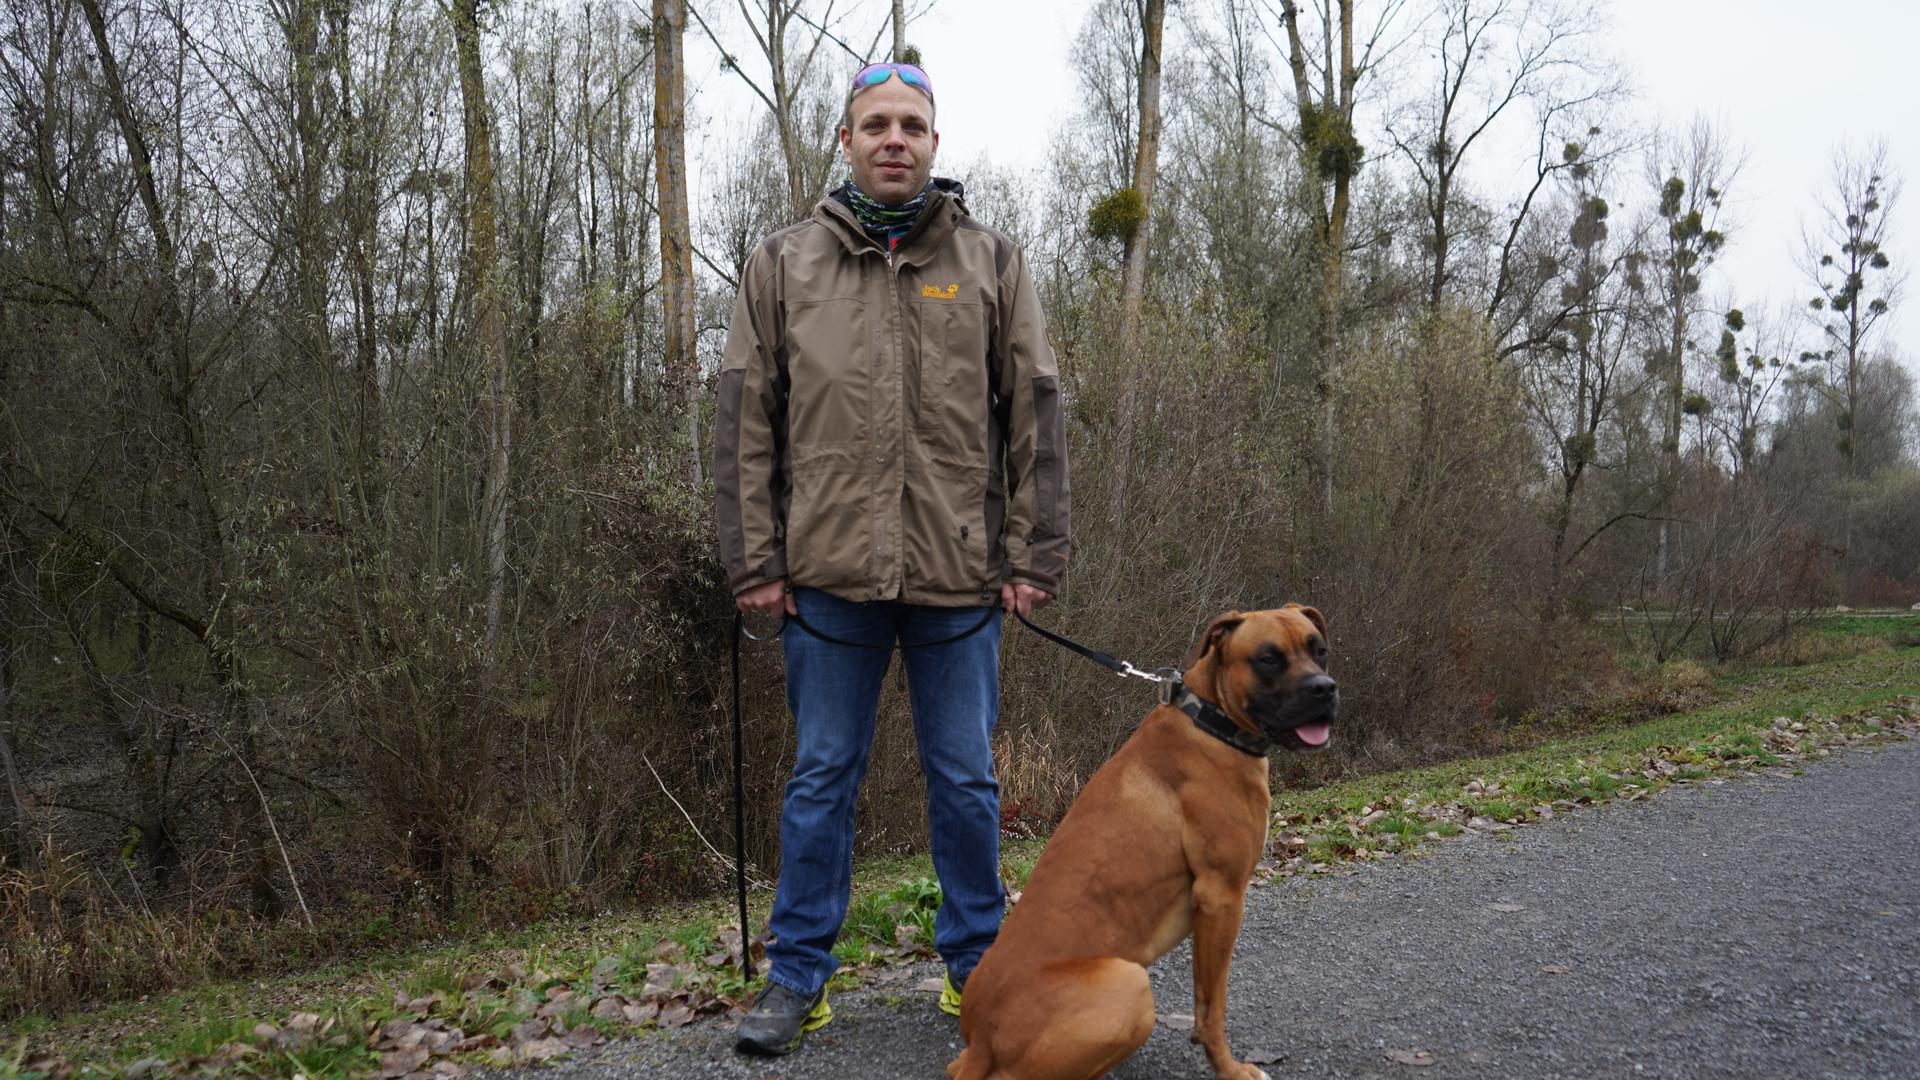 Mann mit Sonnenbrille und Jacke, auf einem Damm mit einem Hund an der Leine.